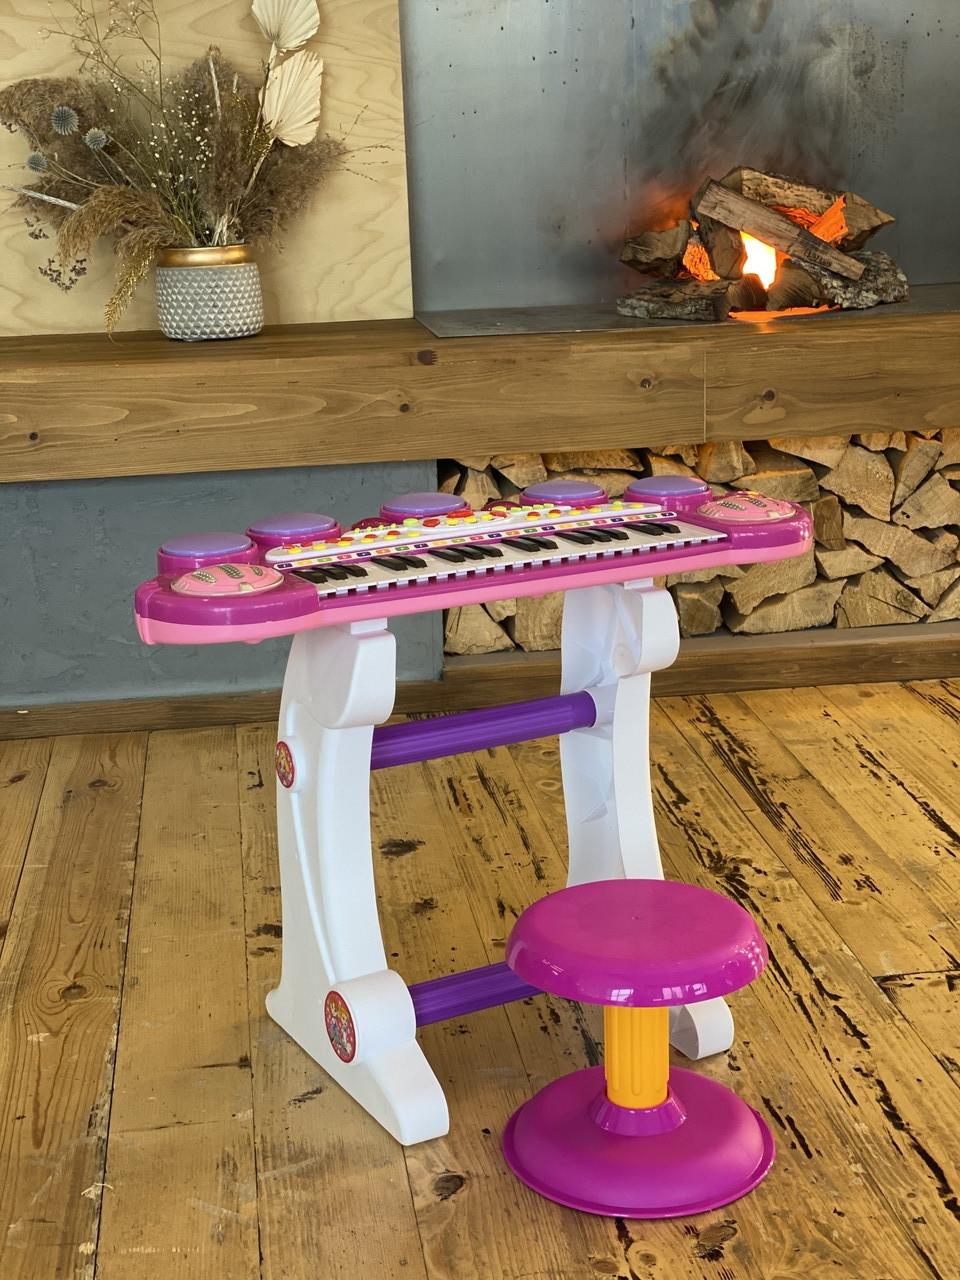 Многофункциональное детское пианино-синтезатор с USB-входом, микрофоном на съёмных ножках, со стульчиком ВВ 45